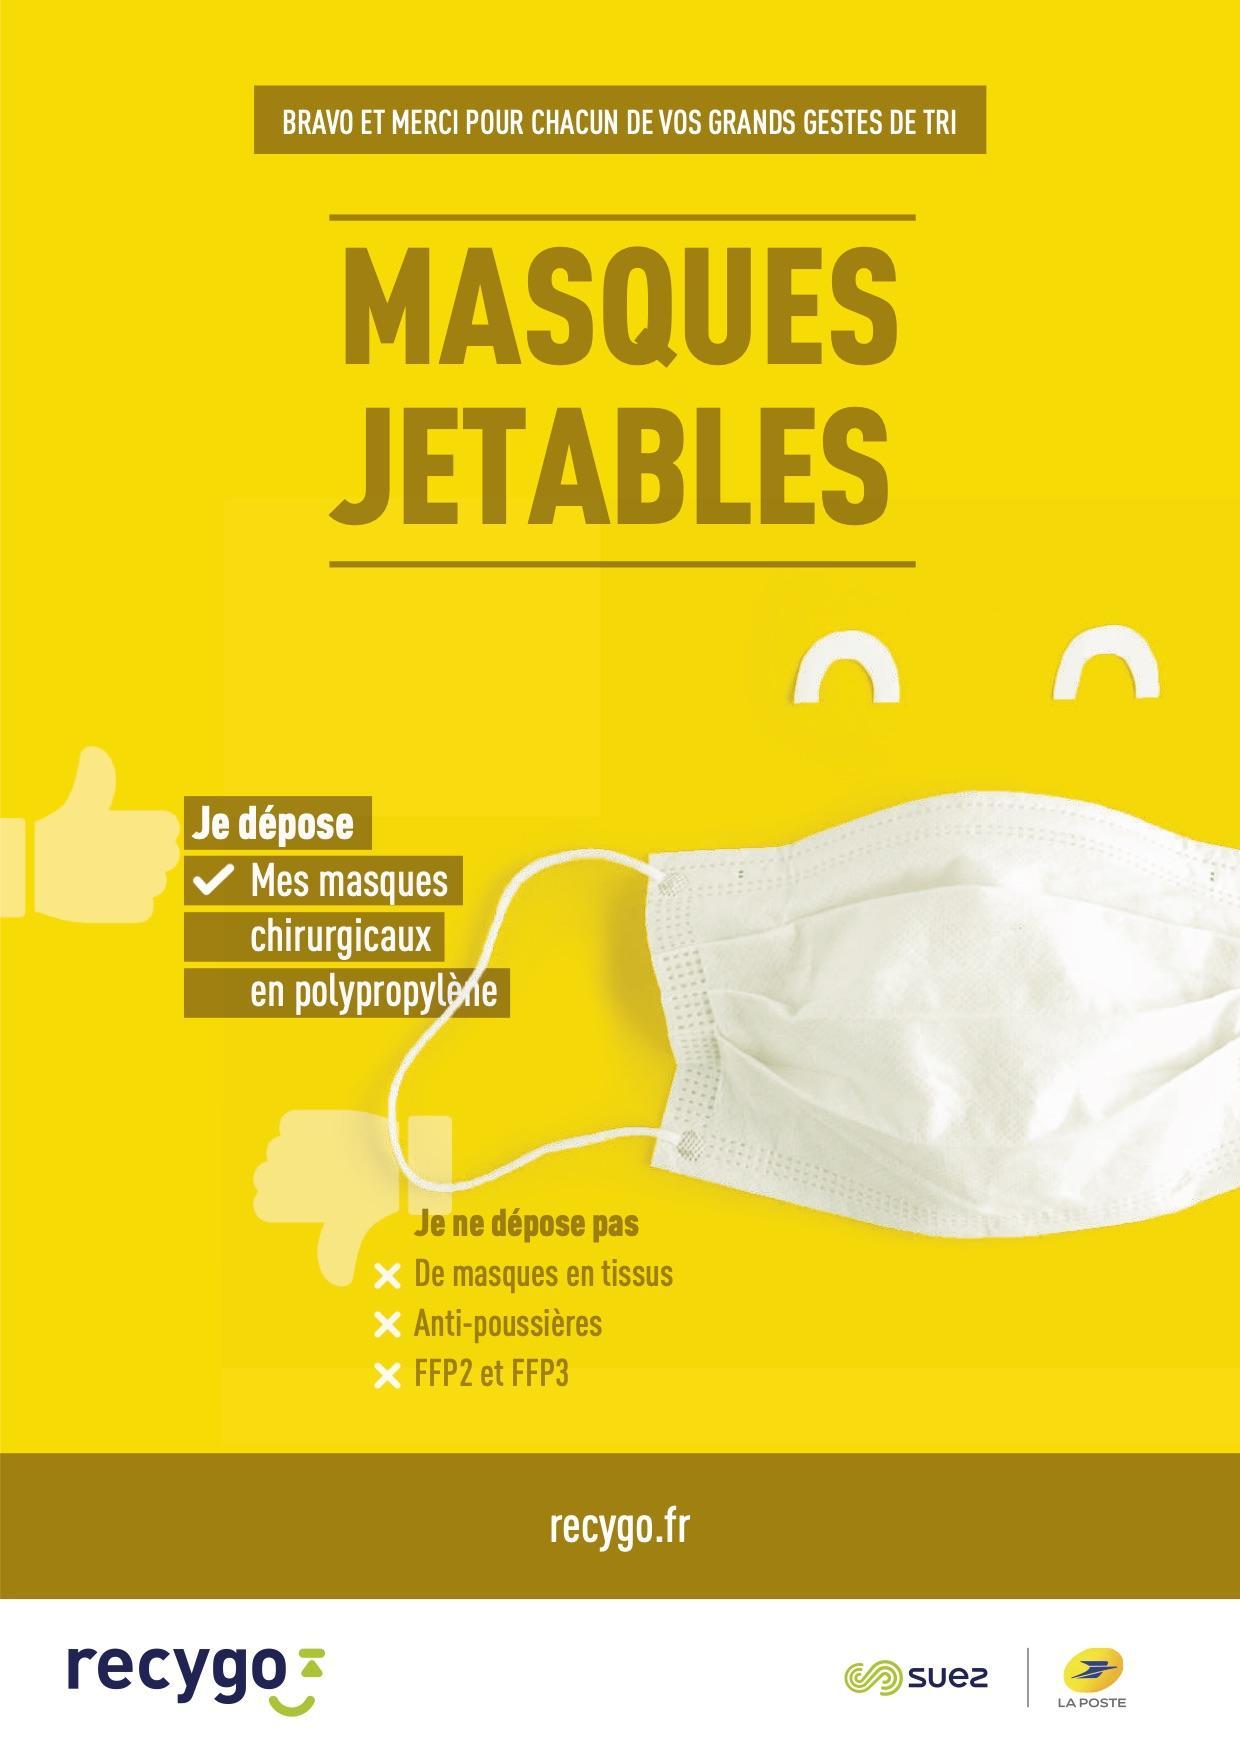 Image de couverture - Collecte des masques jetables